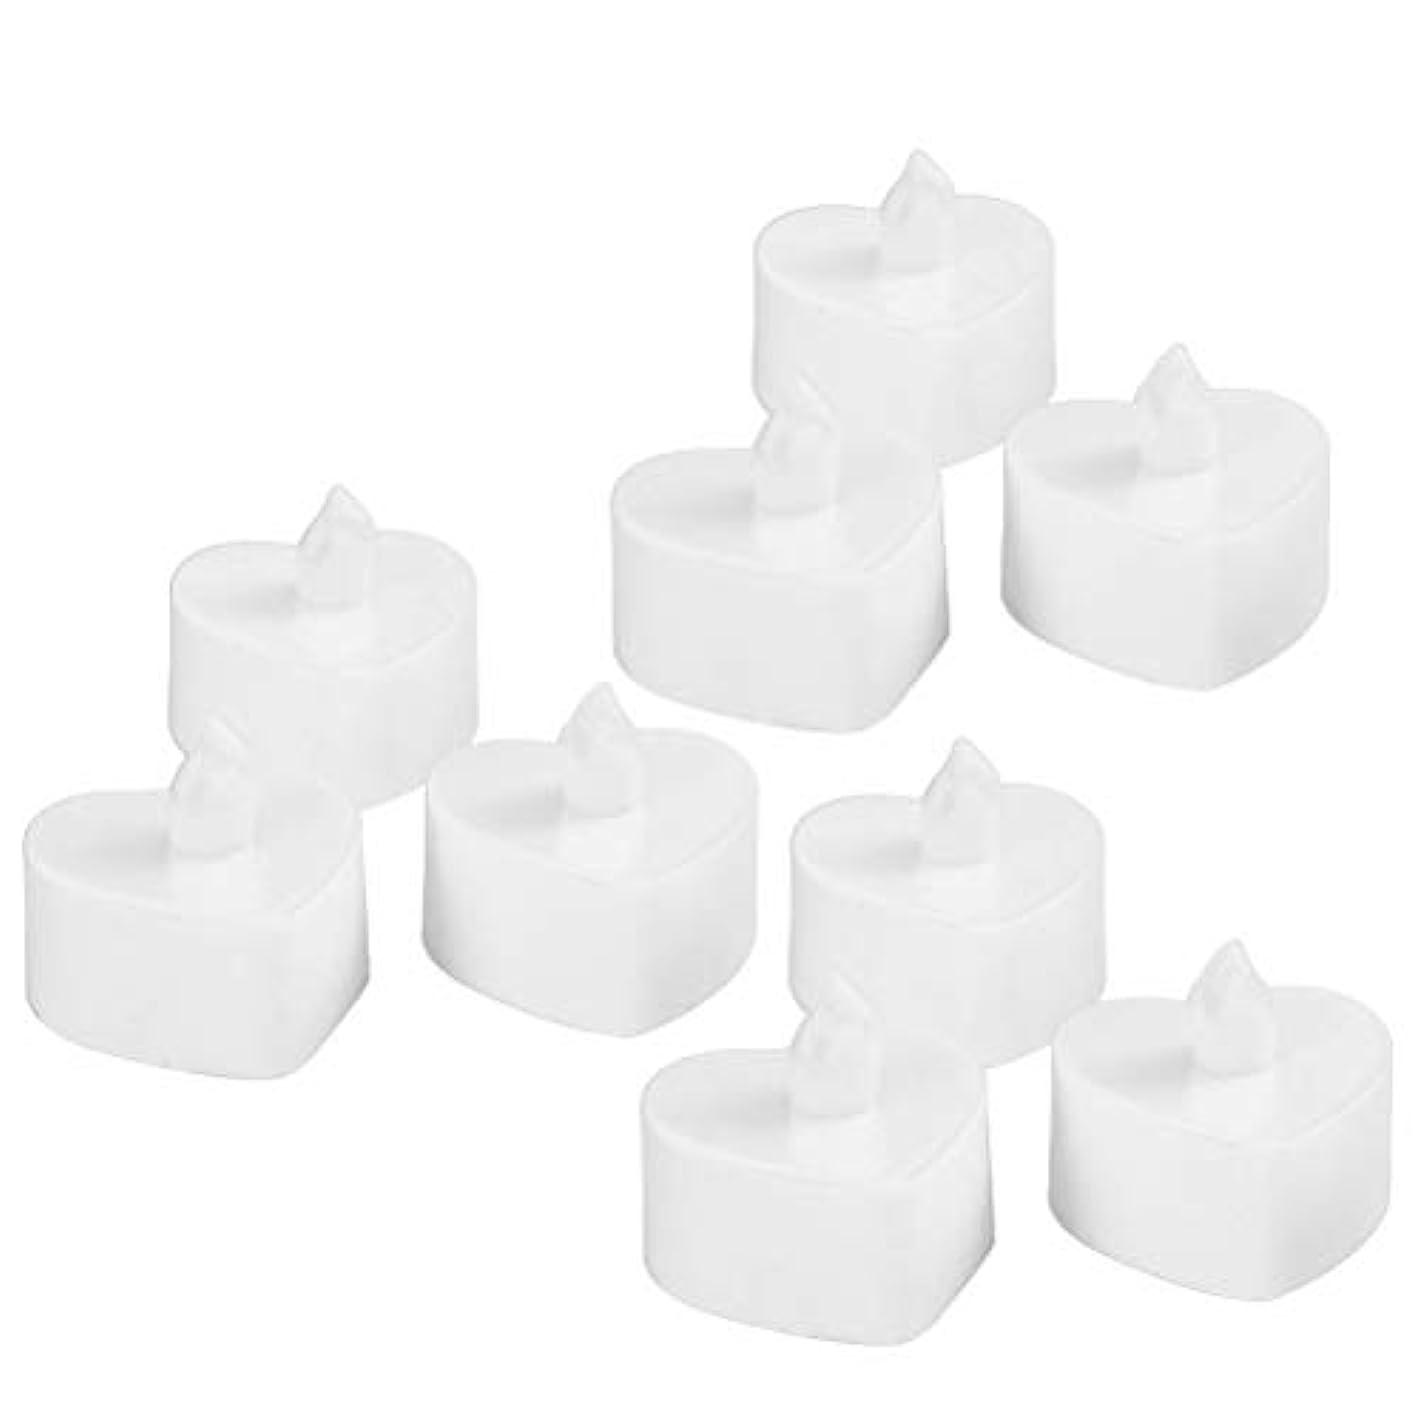 シャワー遠征不調和BESTOYARD 10個のLed茶ライトは、電池が作動する無炎Tealightキャンドル暖かい黄色のライトは、ハートシェイプのクリスマスのウェディングパーティの装飾(白いシェル、黄色のライト)